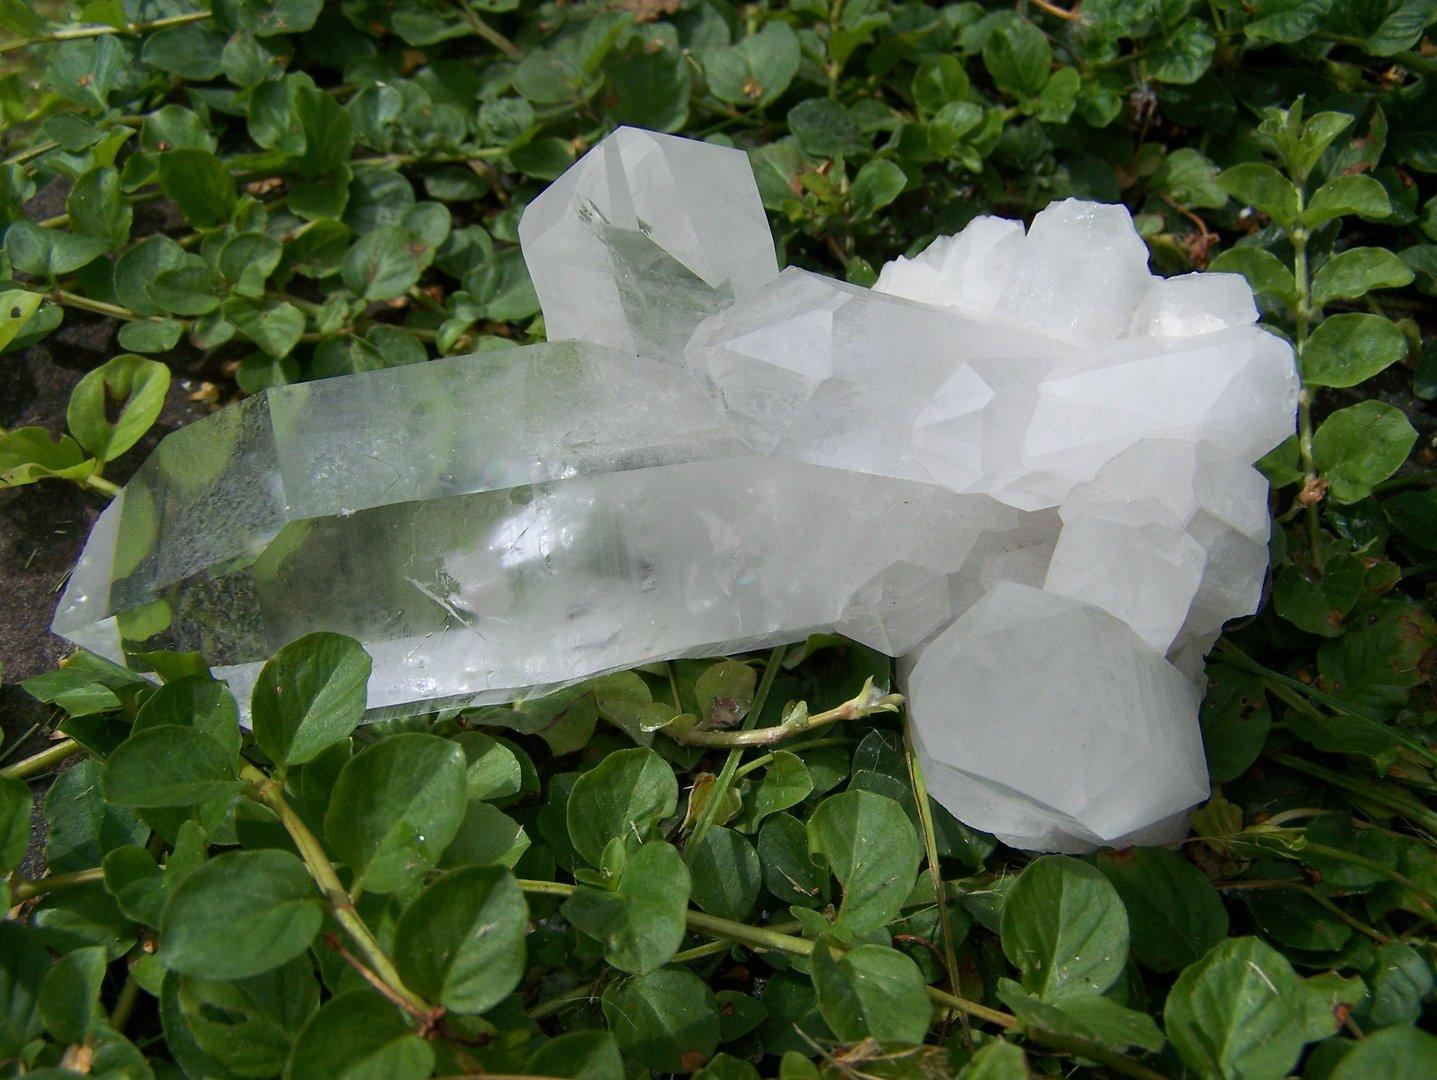 Bergkristal_cluster_Arkansas_14.2.JPG